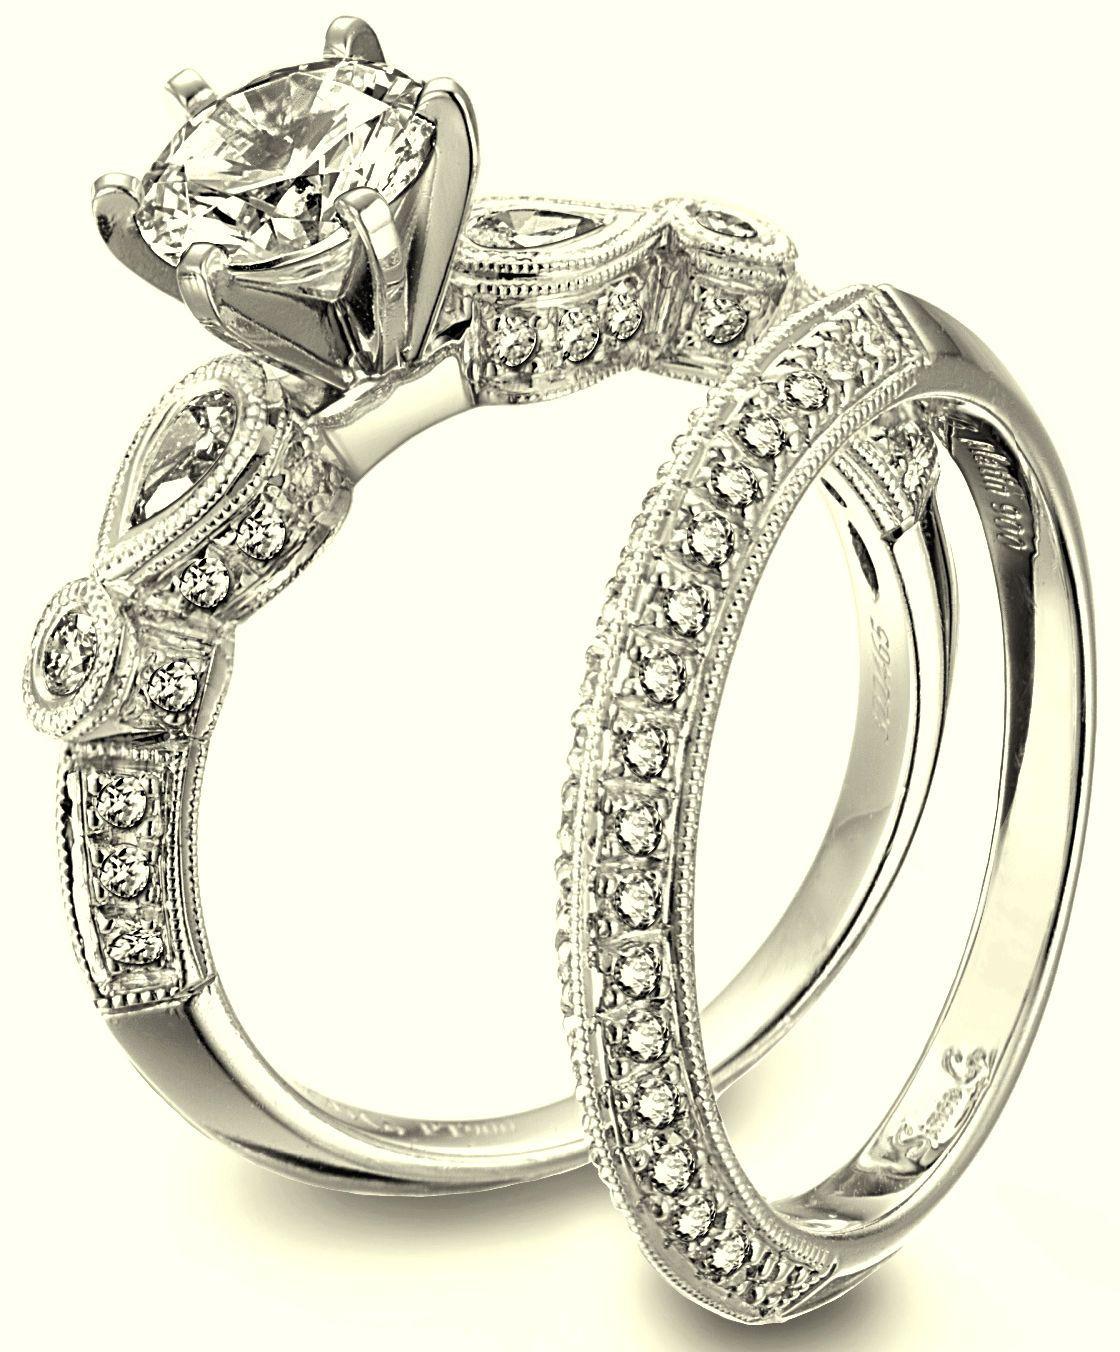 Anillos de compromiso para los novios Jared Pinterest Ring